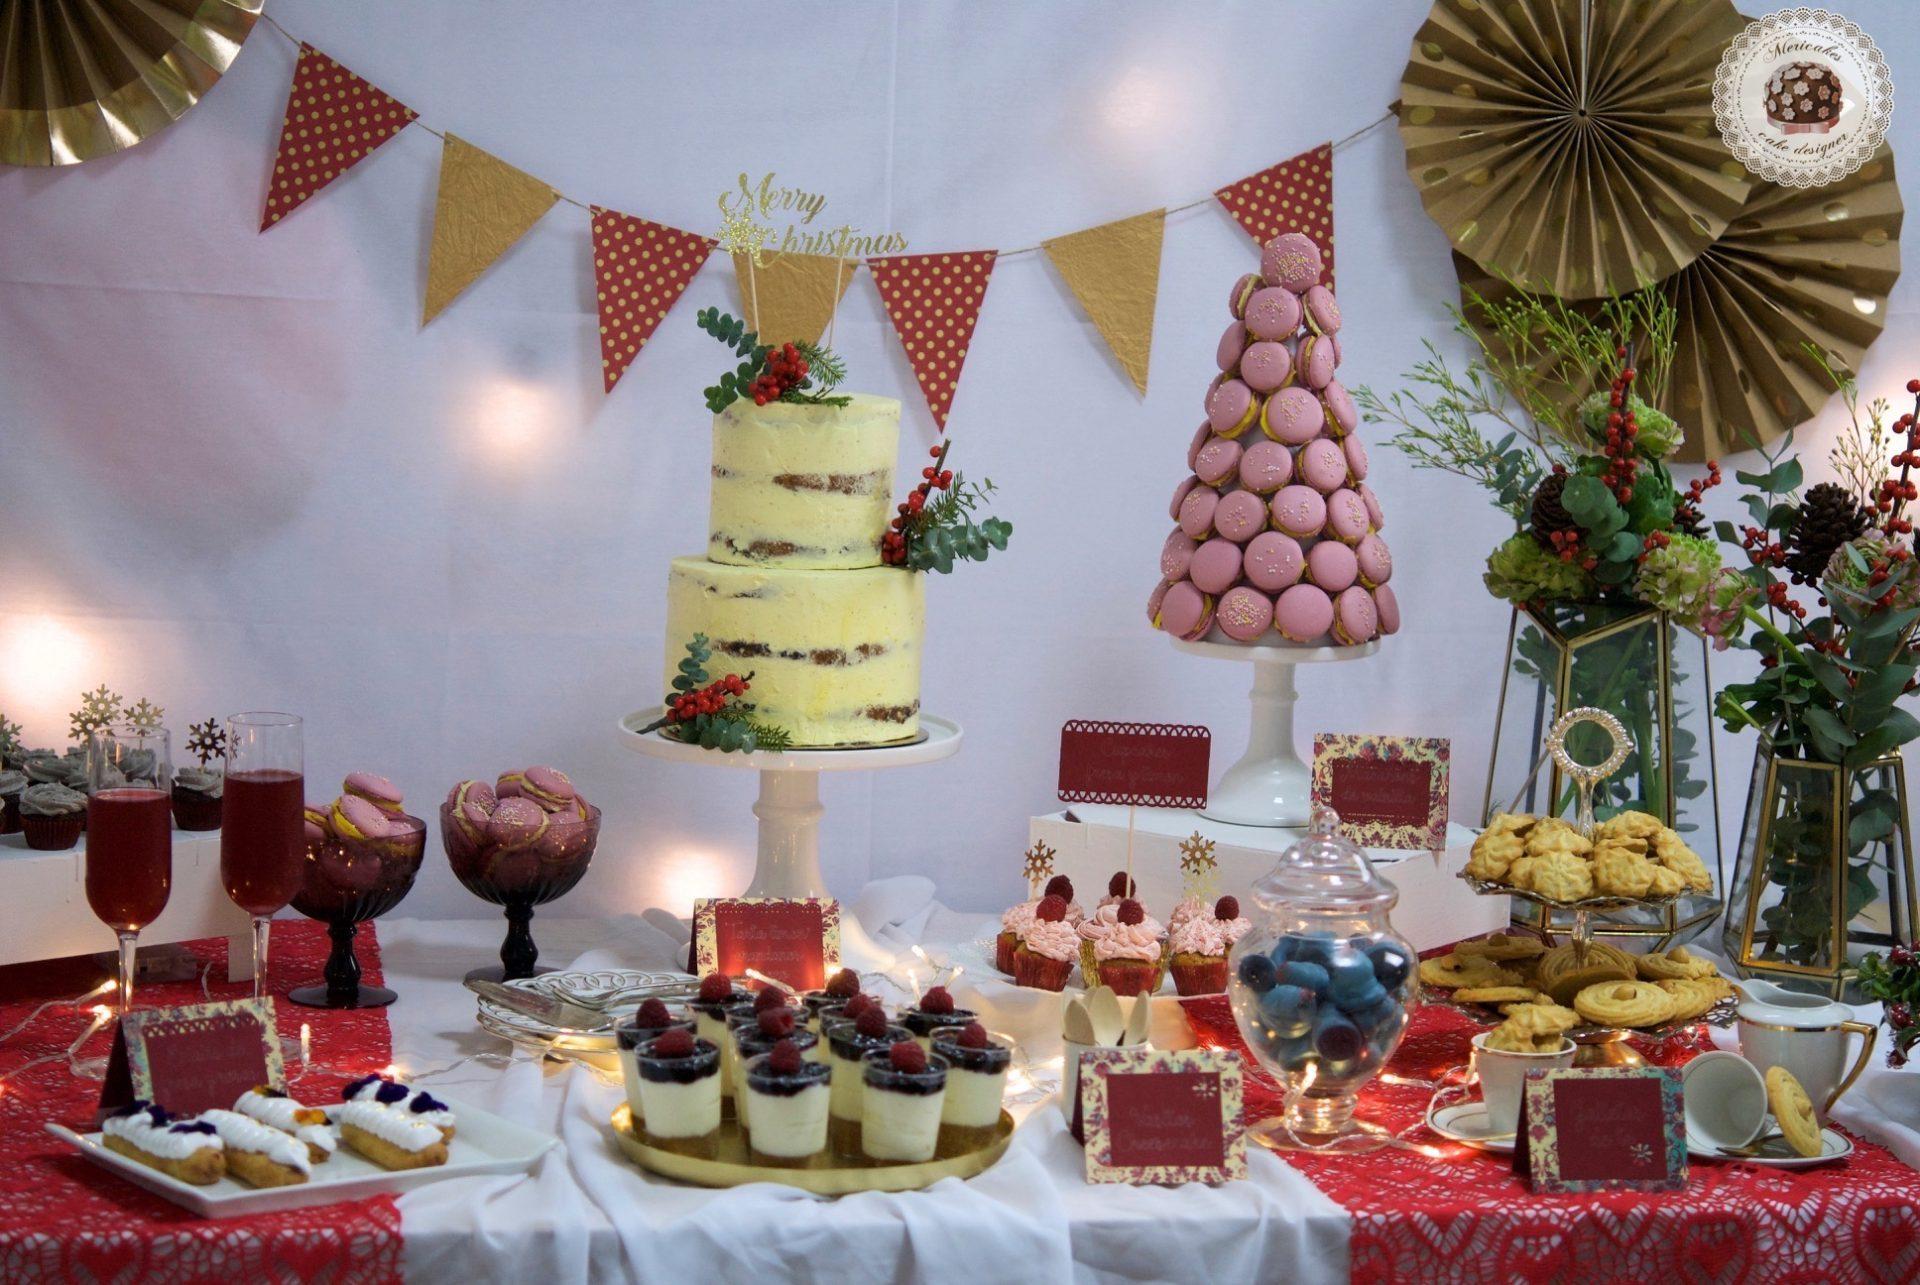 master-class-diseno-y-creacion-de-mesas-dulces-mesas-dulces-barcelona-mericakes-reposteria-creativa-dessert-table-curso-pasteleria-master-class-sweet-table-diciembre-42